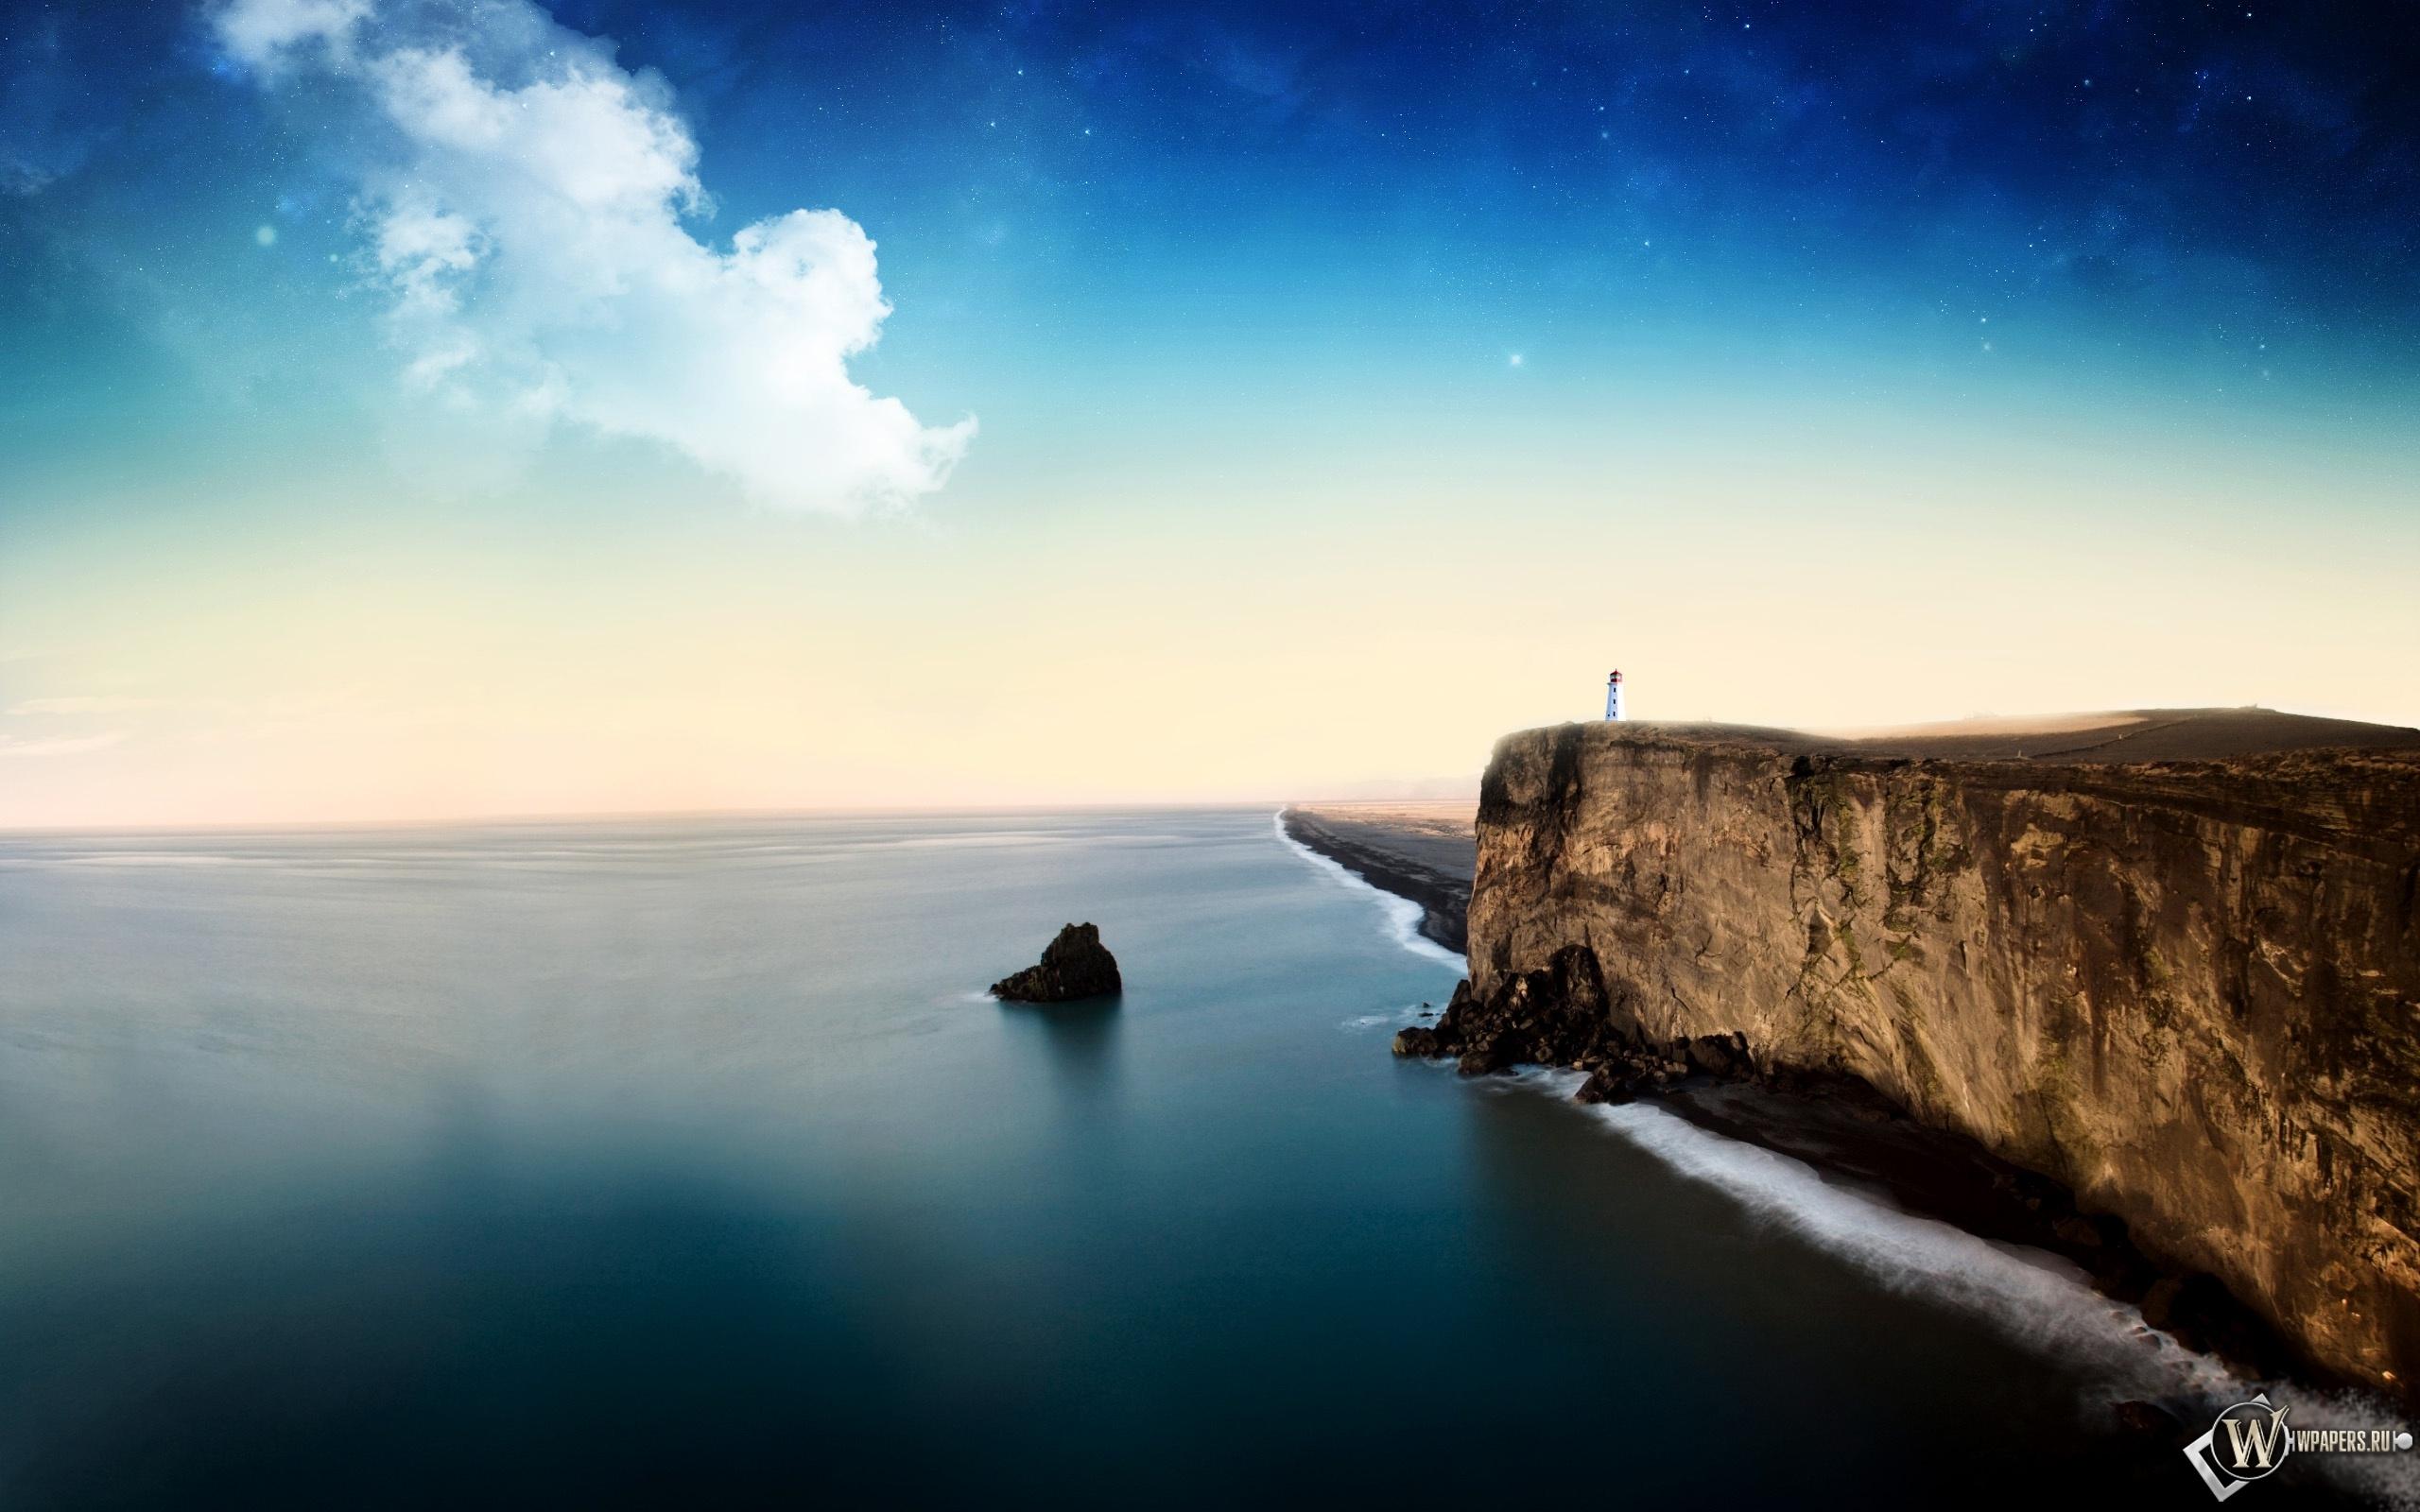 Скалистый пейзаж 2560x1600